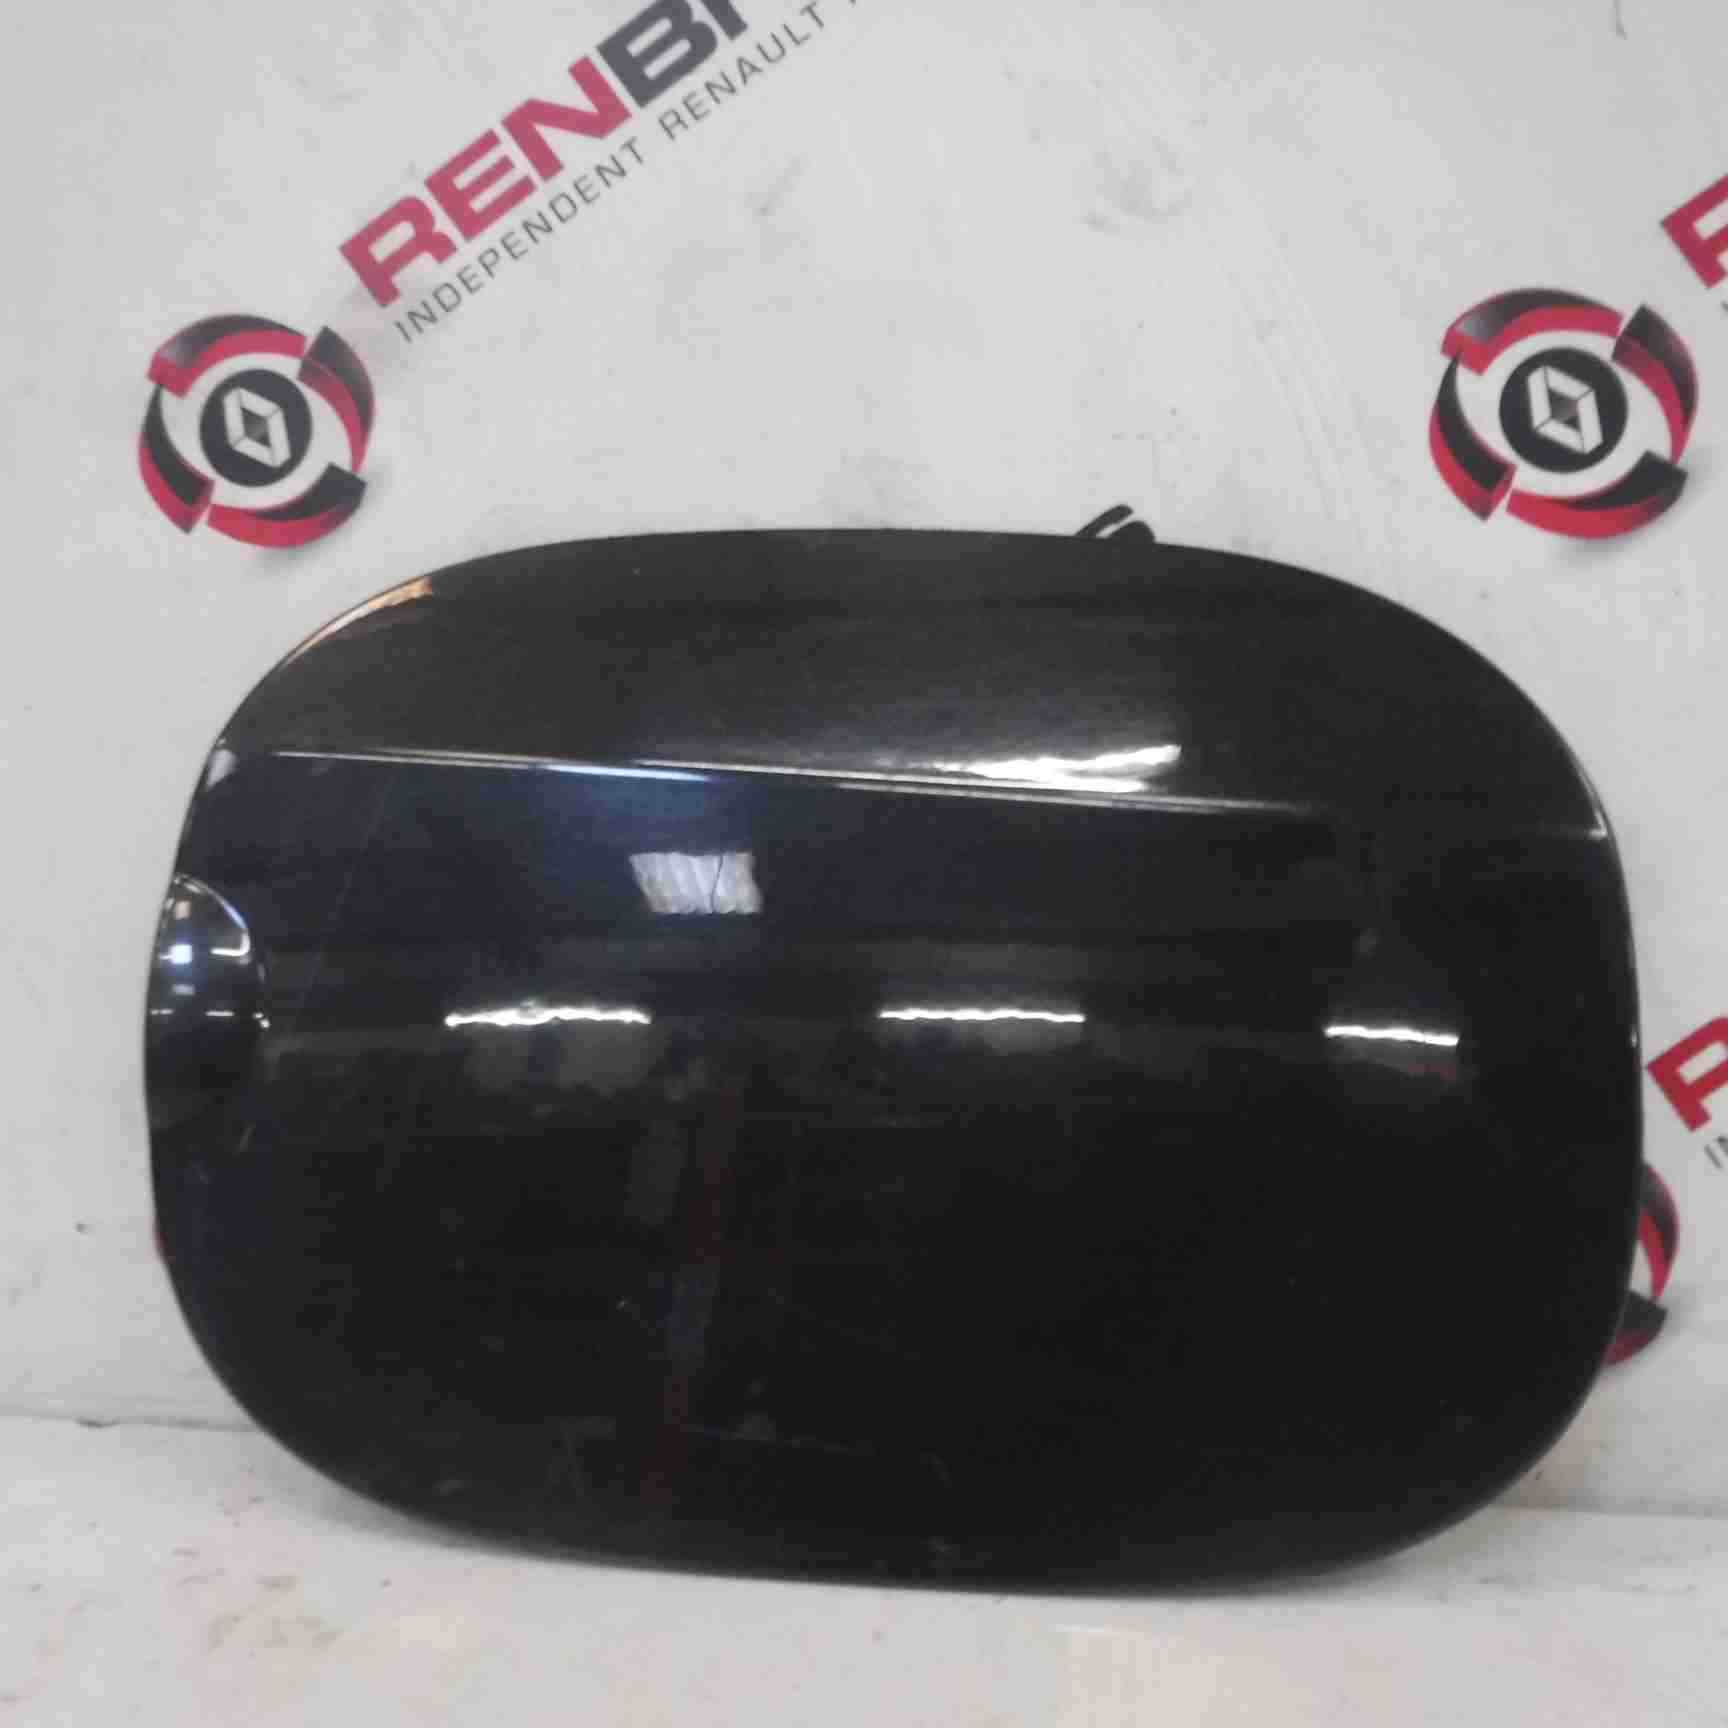 Renault Modus 2004-2008 Fuel Flap Cover Black 676 8200213437